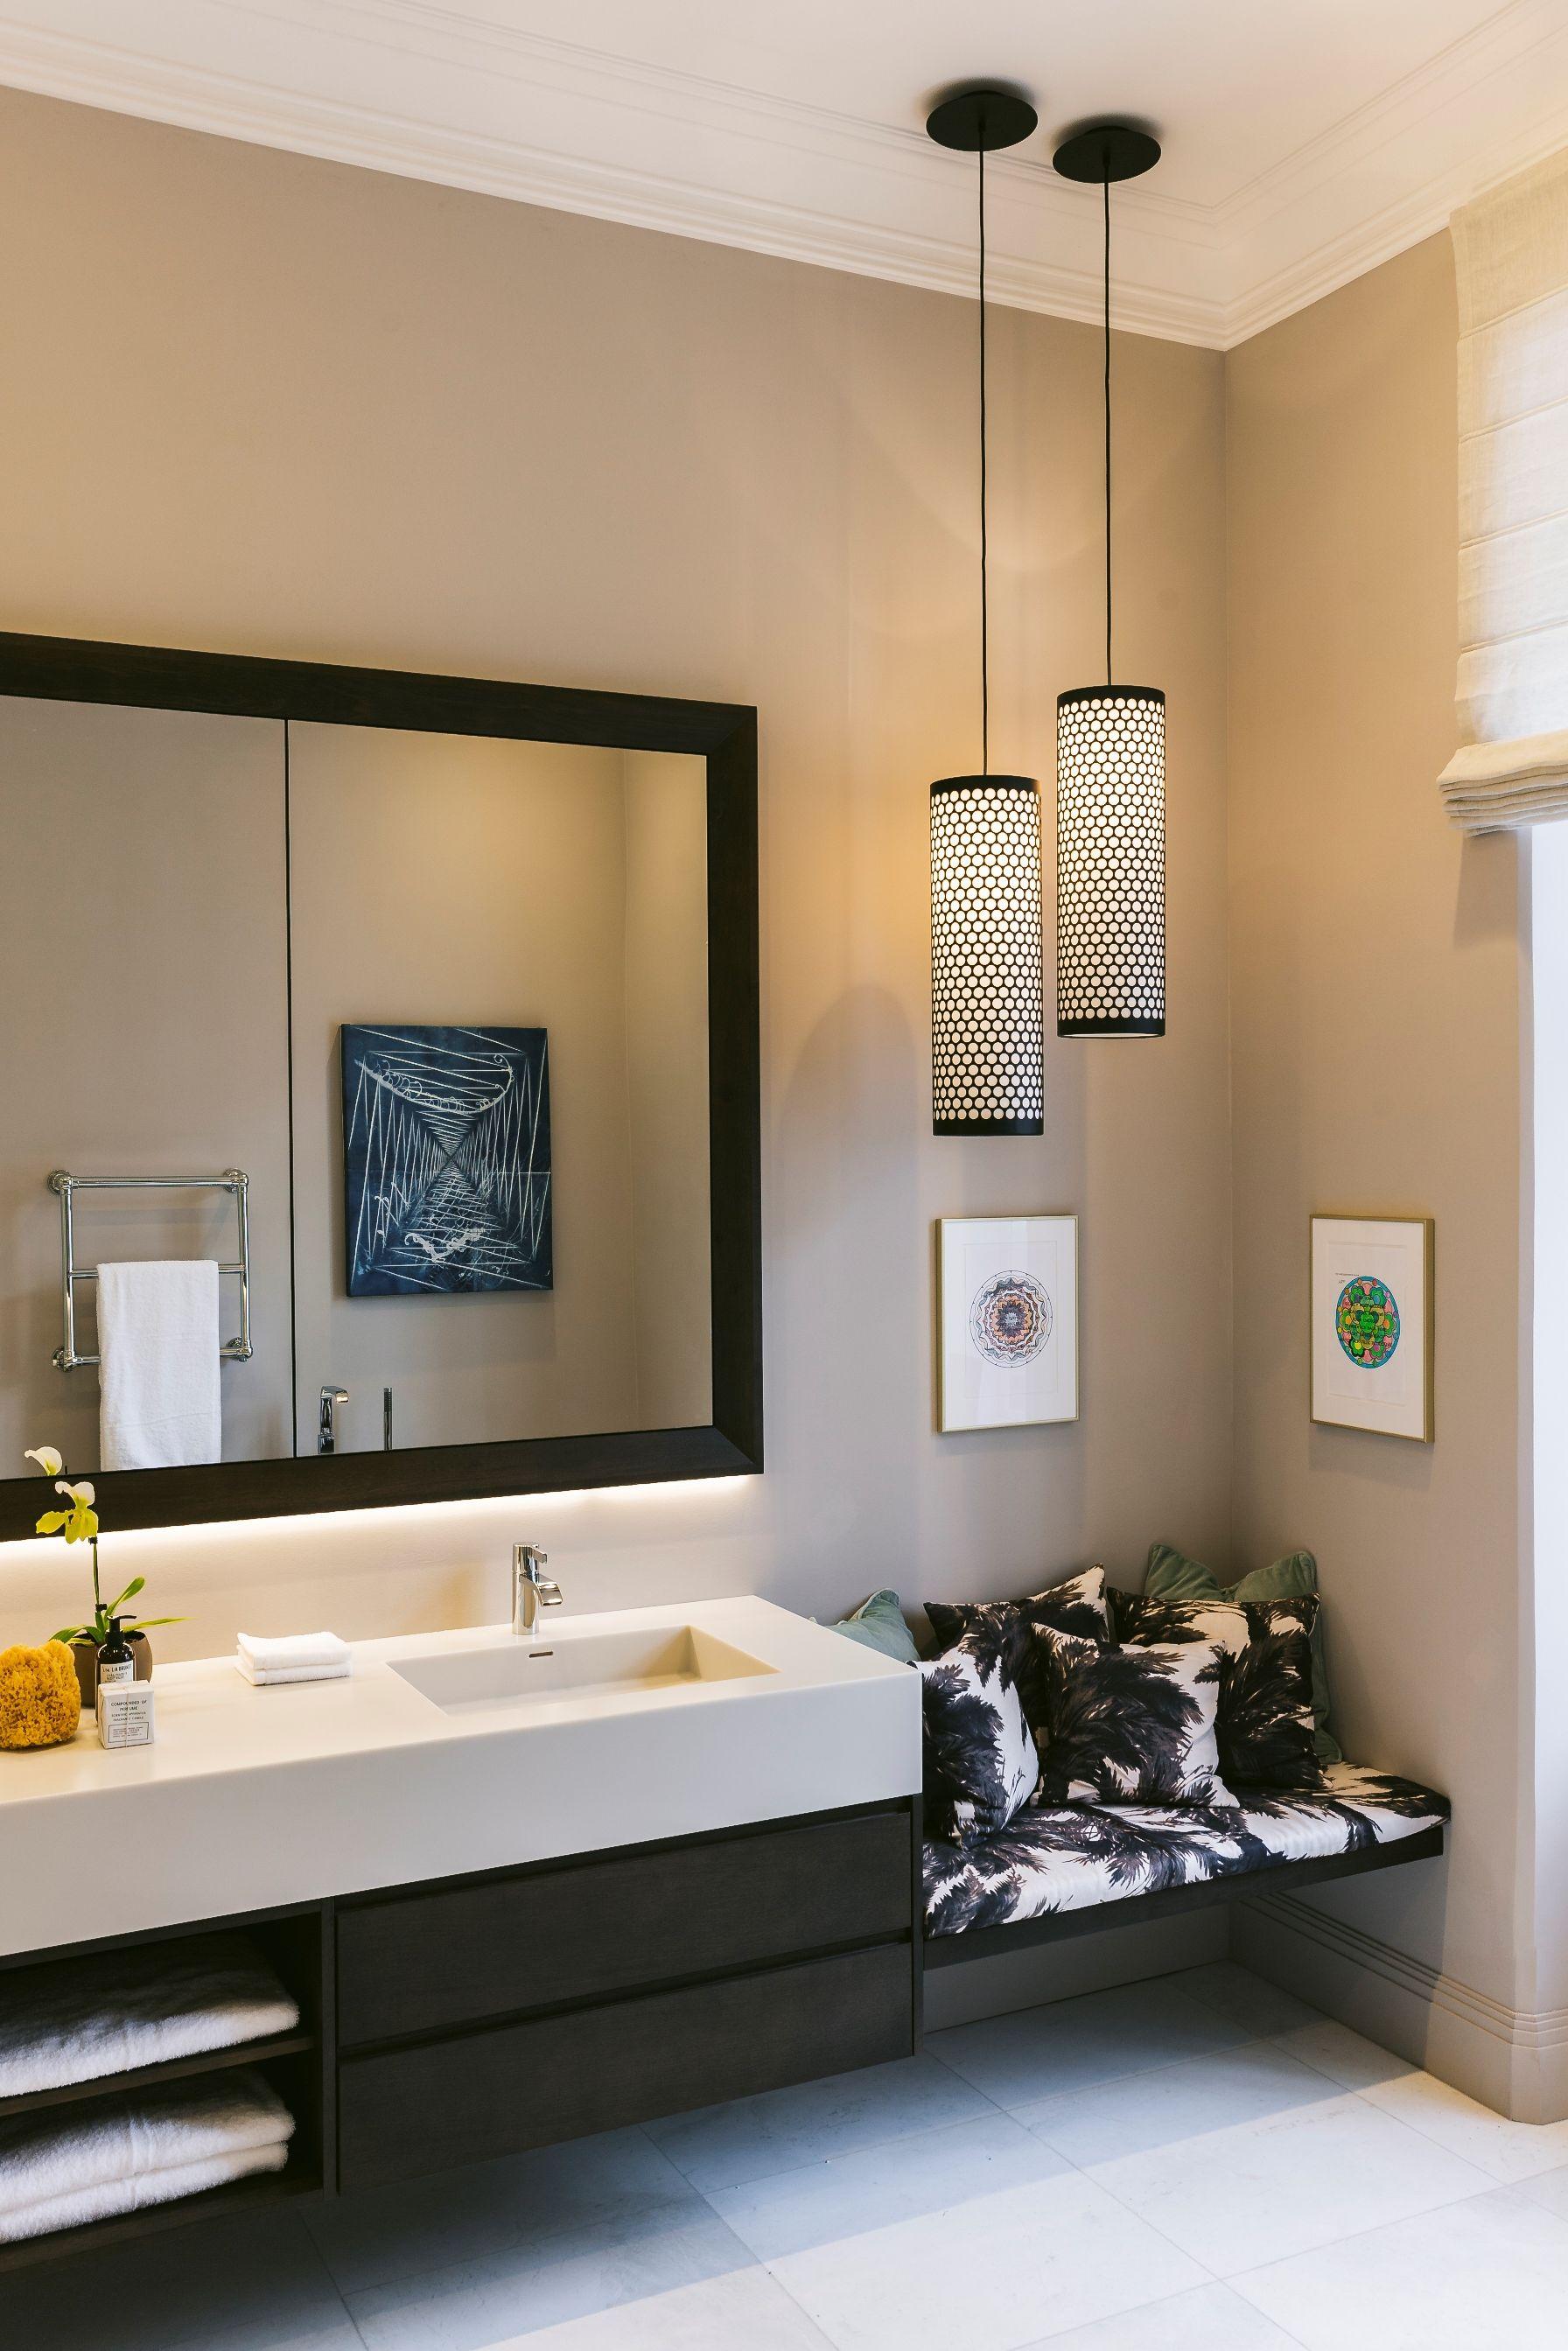 Badezimmer Stuckleisten Wohnidee Styroporstuck | Maßgefertigte ...